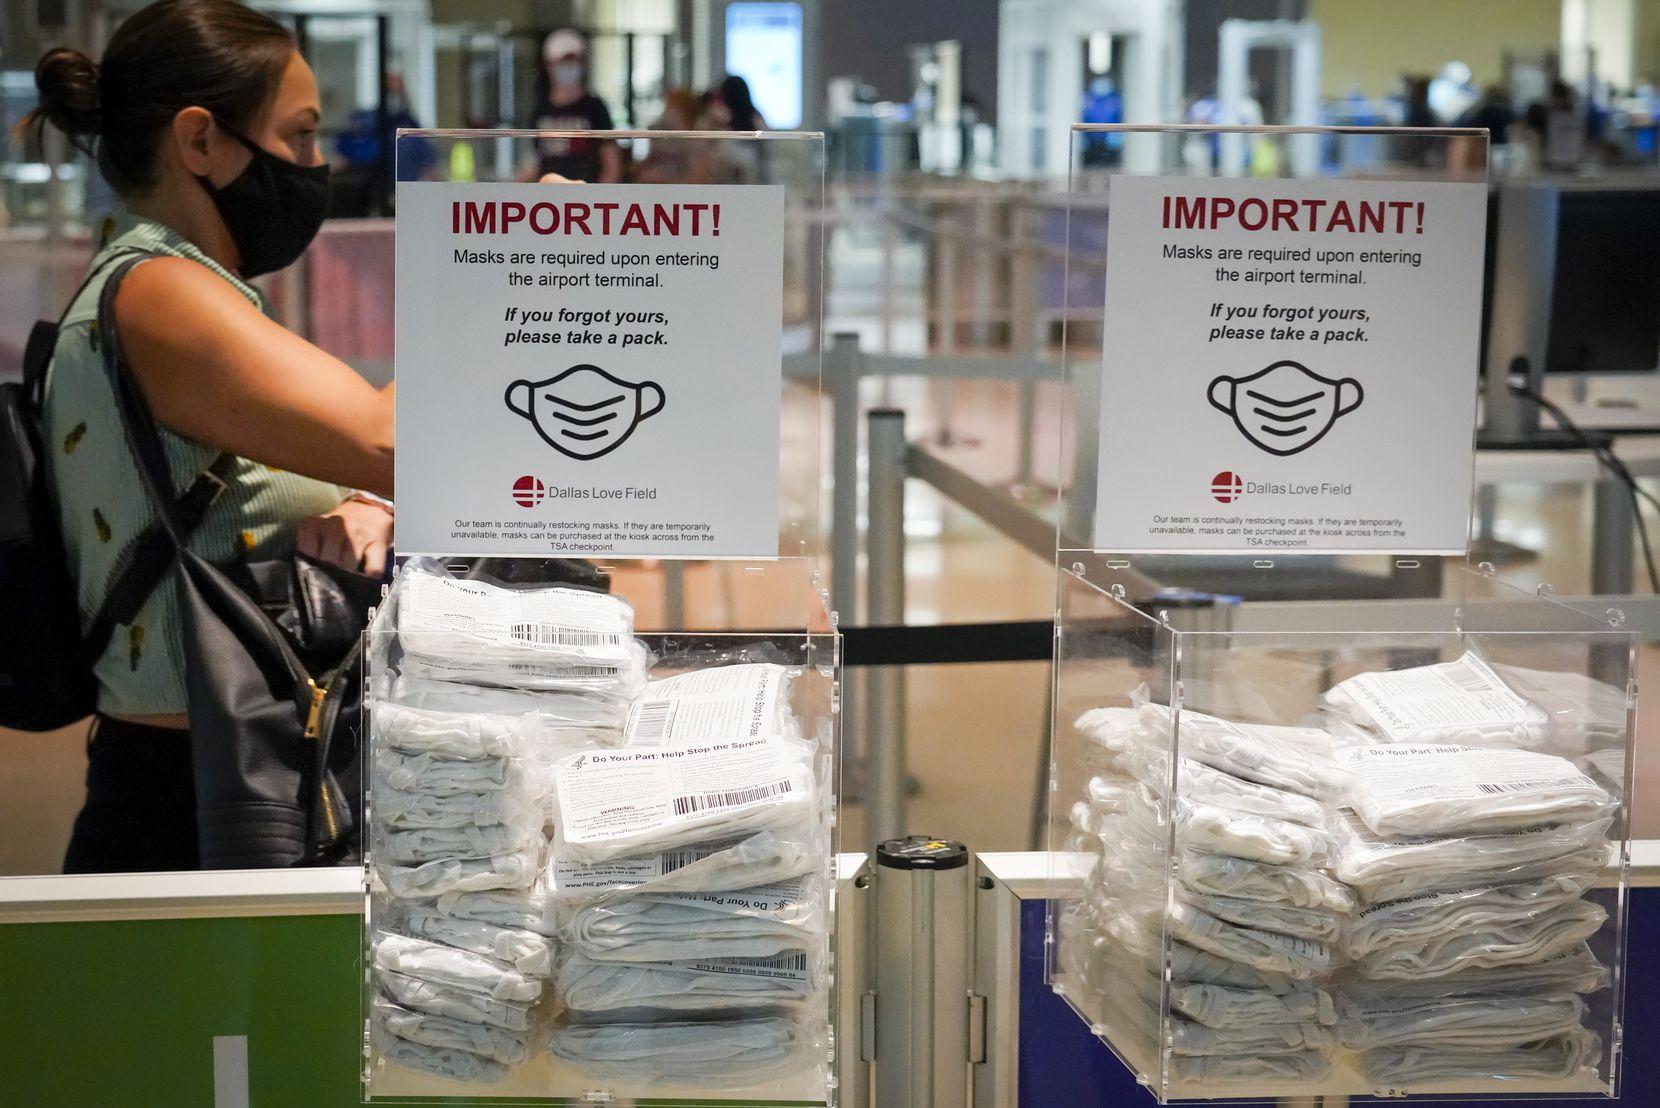 Una pasajera toma una bolsa con mascarillas de tela gratuitas que disponibles para viajeros en vuelos que parten del Aeropuerto Love Field de Dallas.